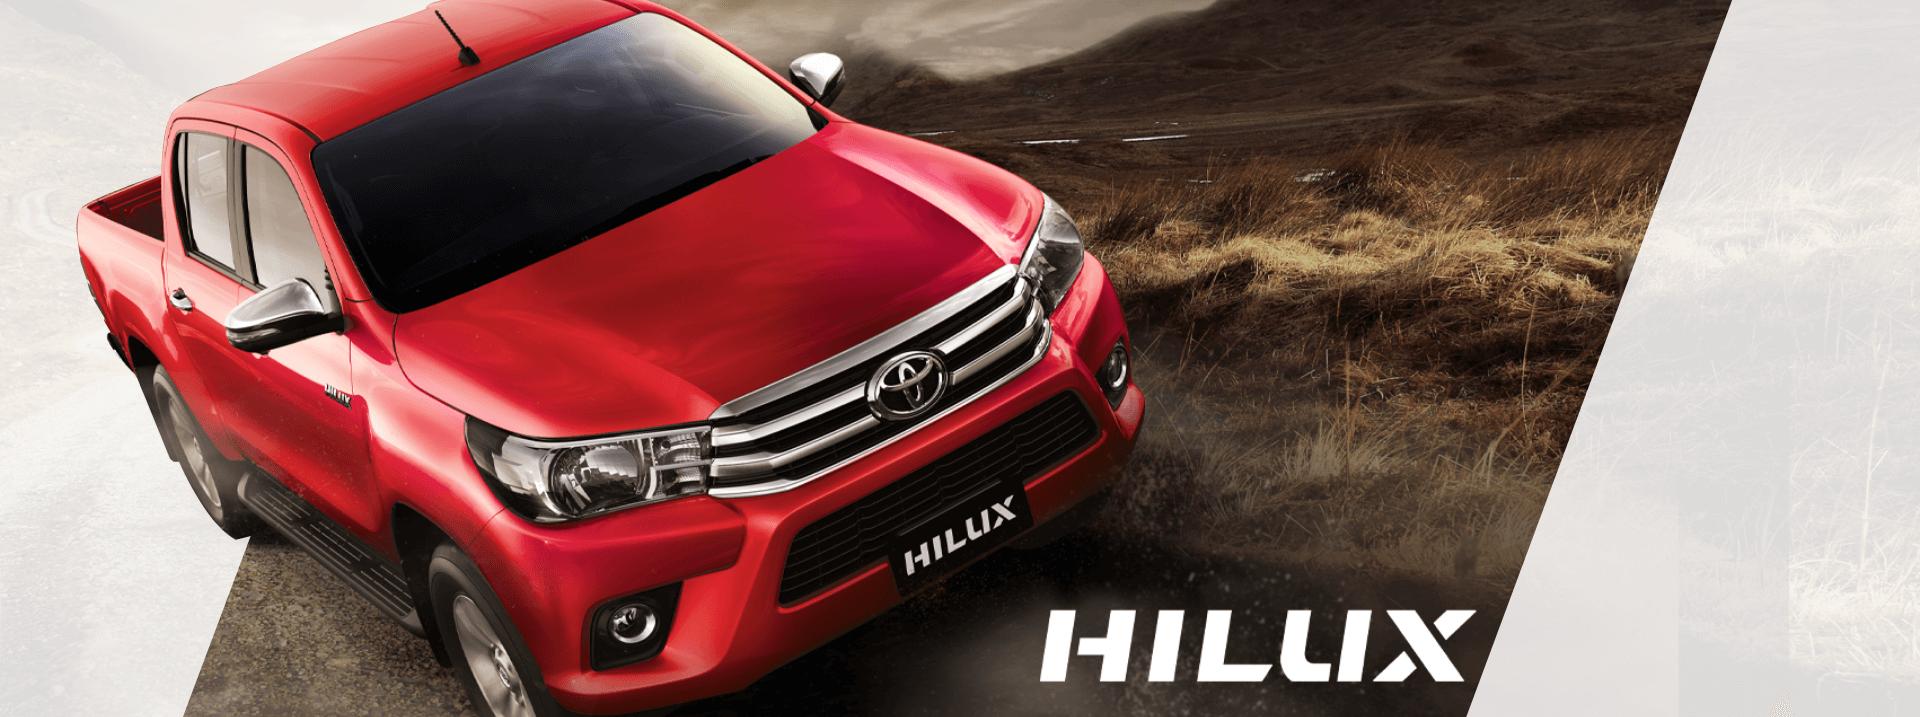 Hilux Desktop Banner